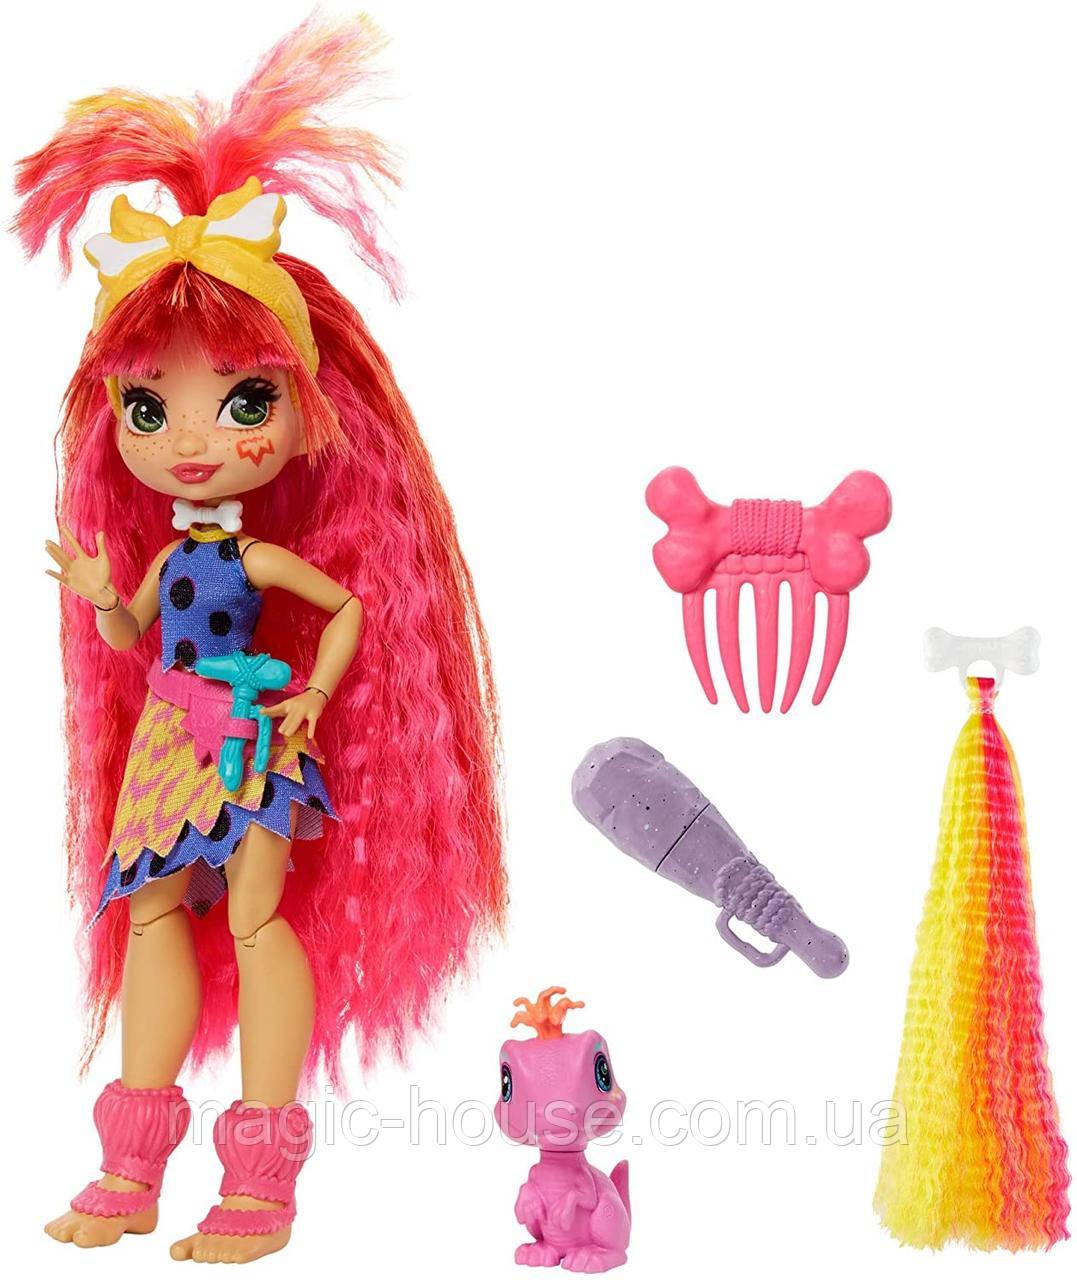 Лялька Емберлі і динозавр Флайре Печерний Клуб Cave Club Emberly Doll